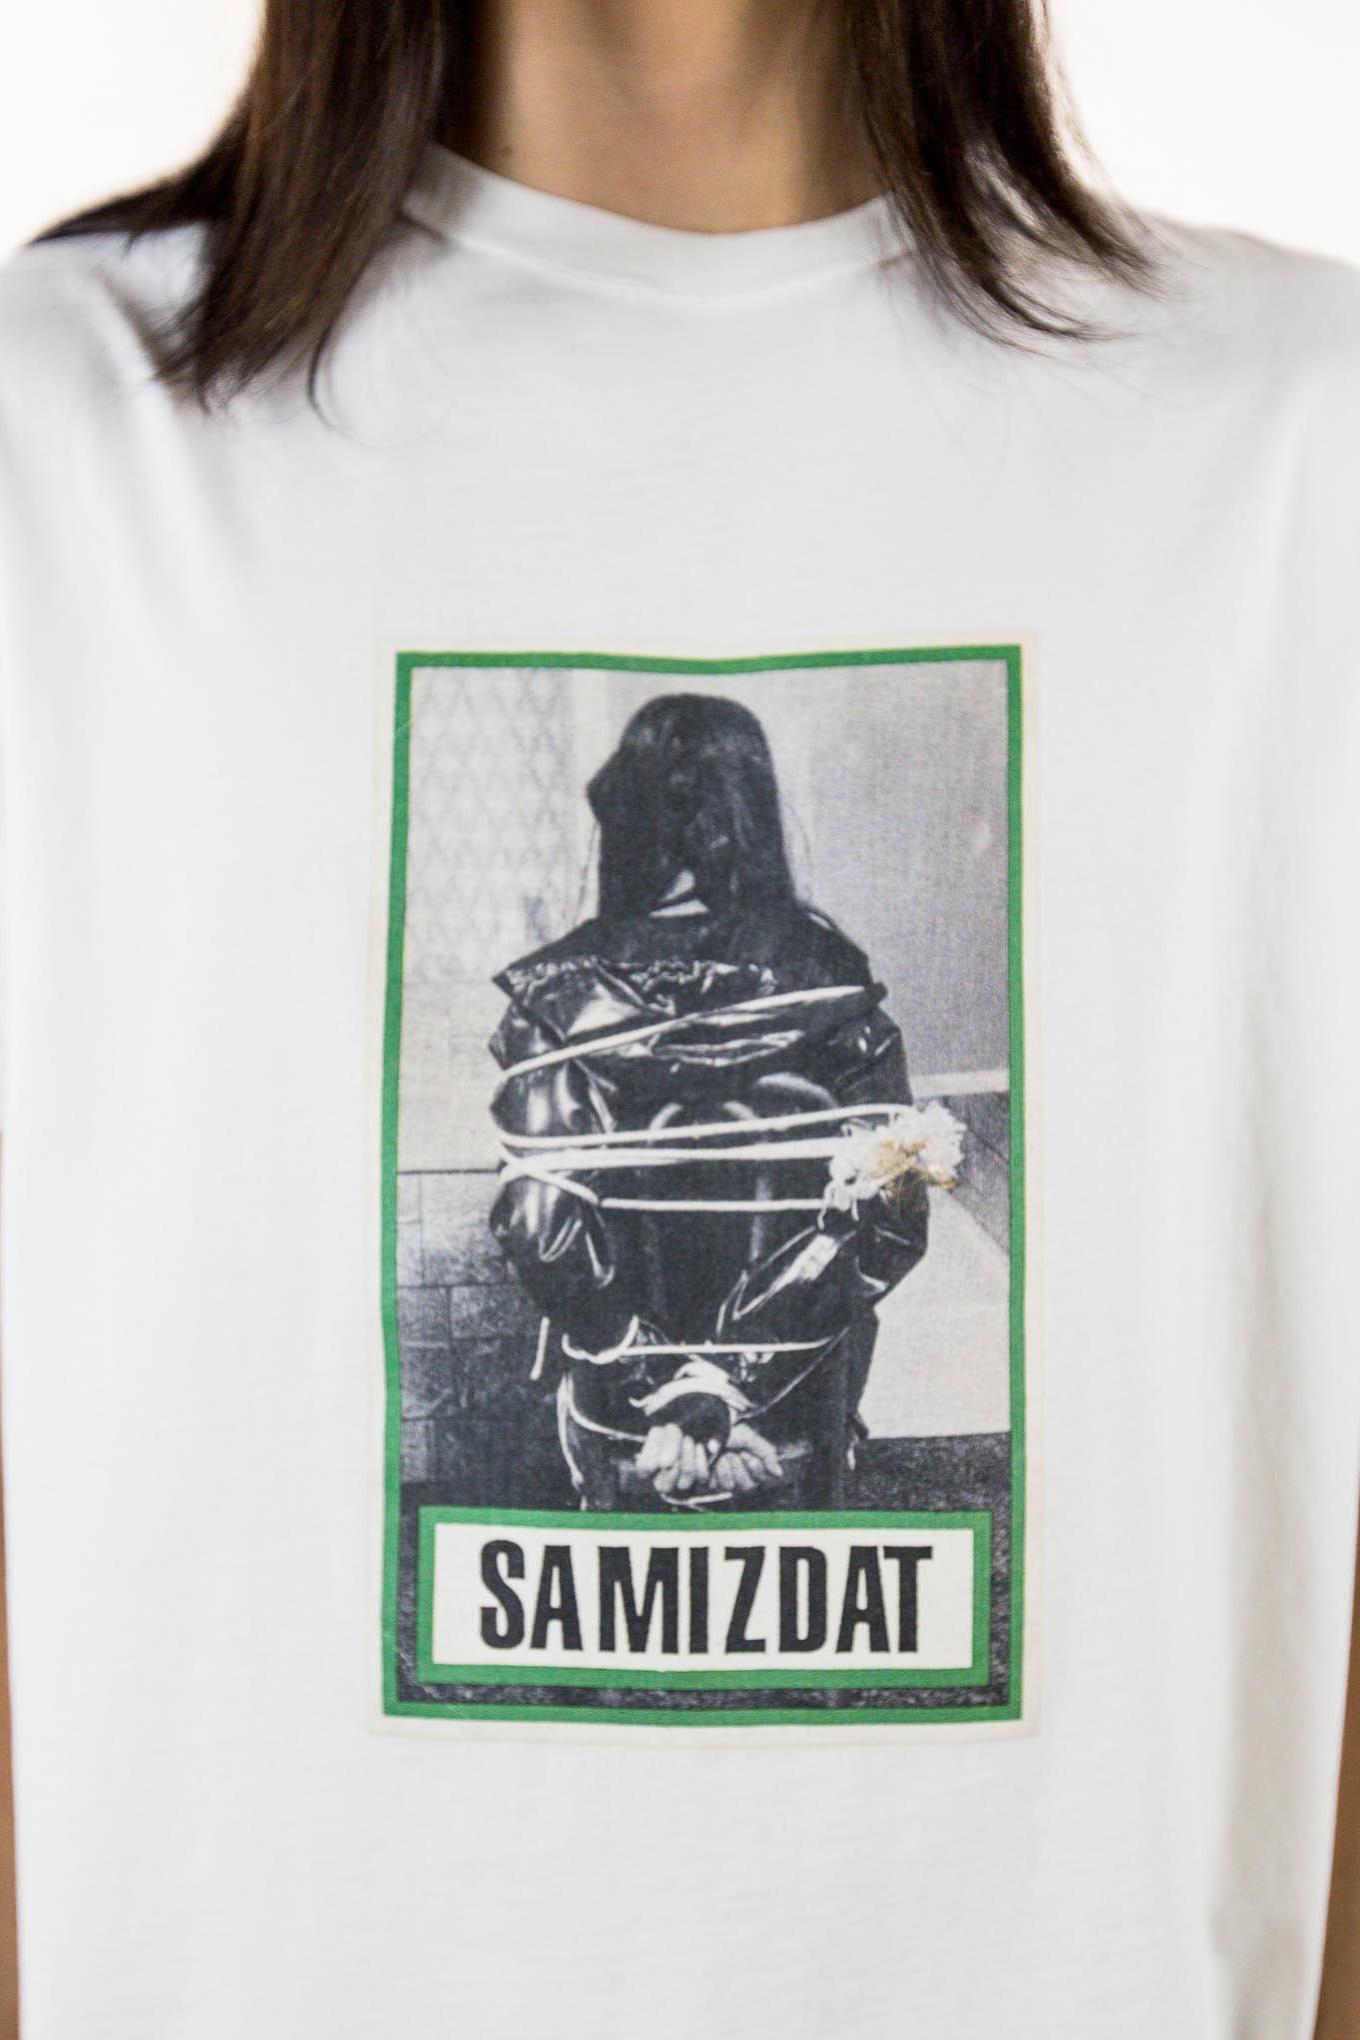 Yang Li SAMIZDAT T-shirt Hoodie Tote Lighter - 1844534